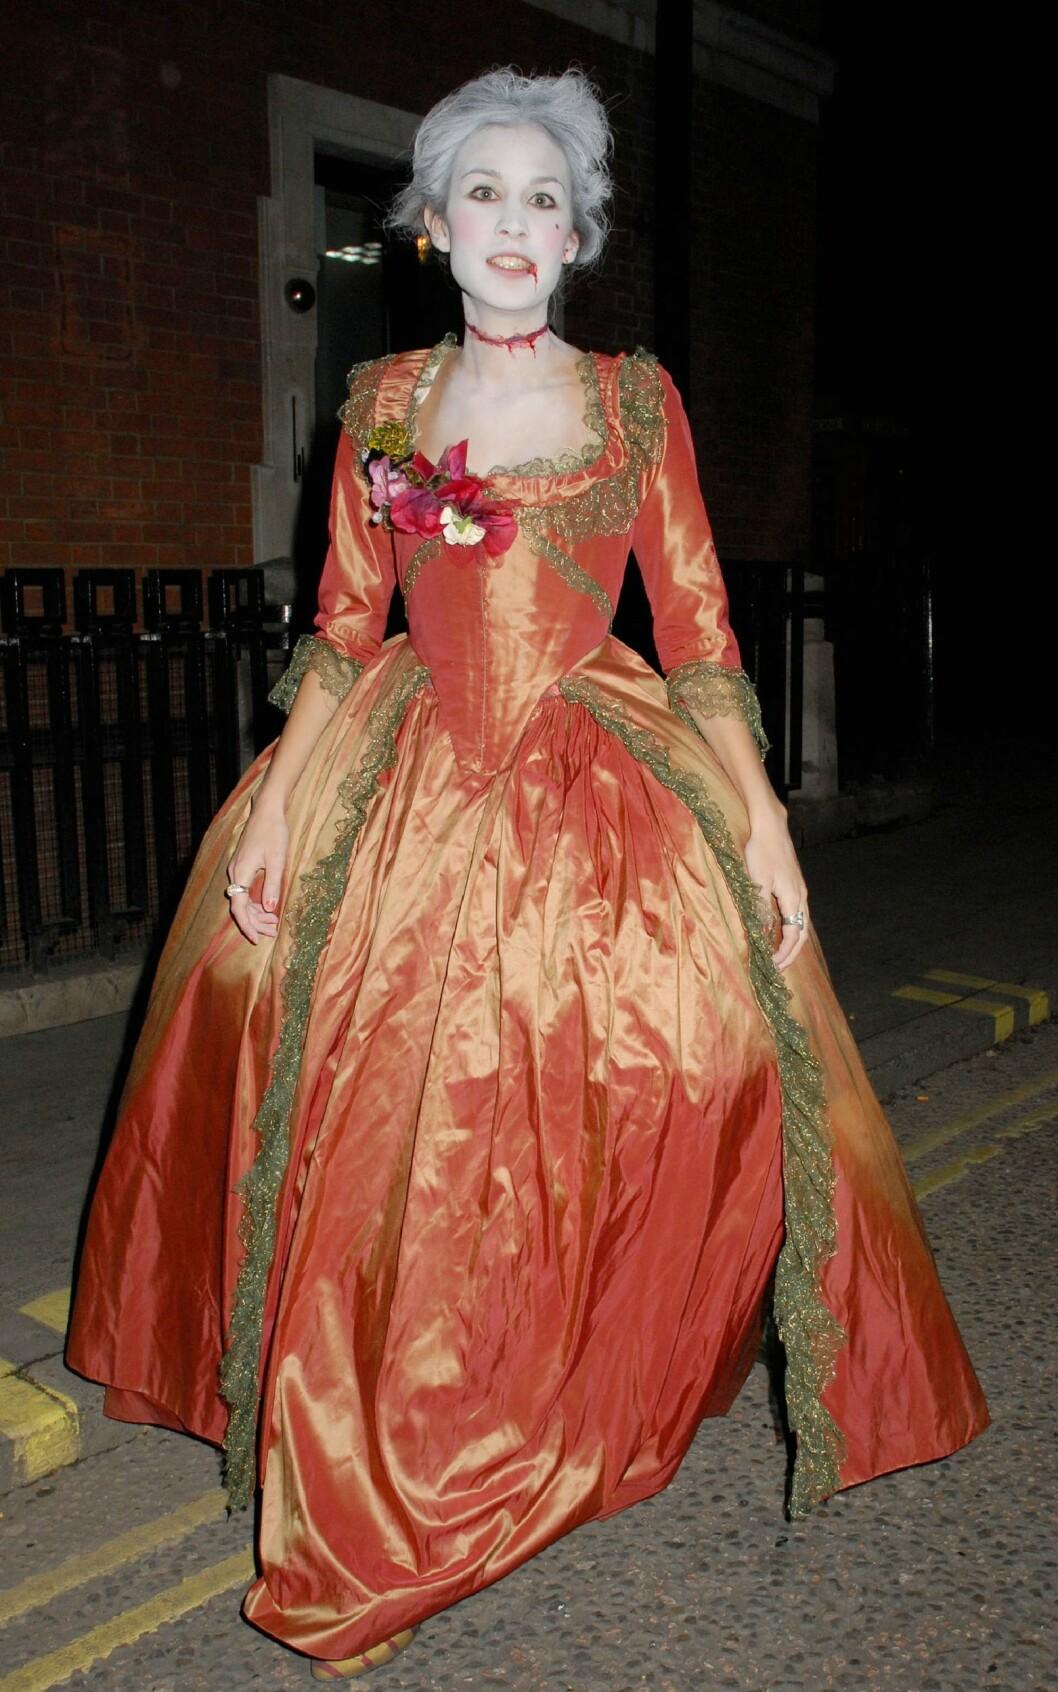 Alexa Chung på Halloween-fest i England i 2008. Foto: WENN.com